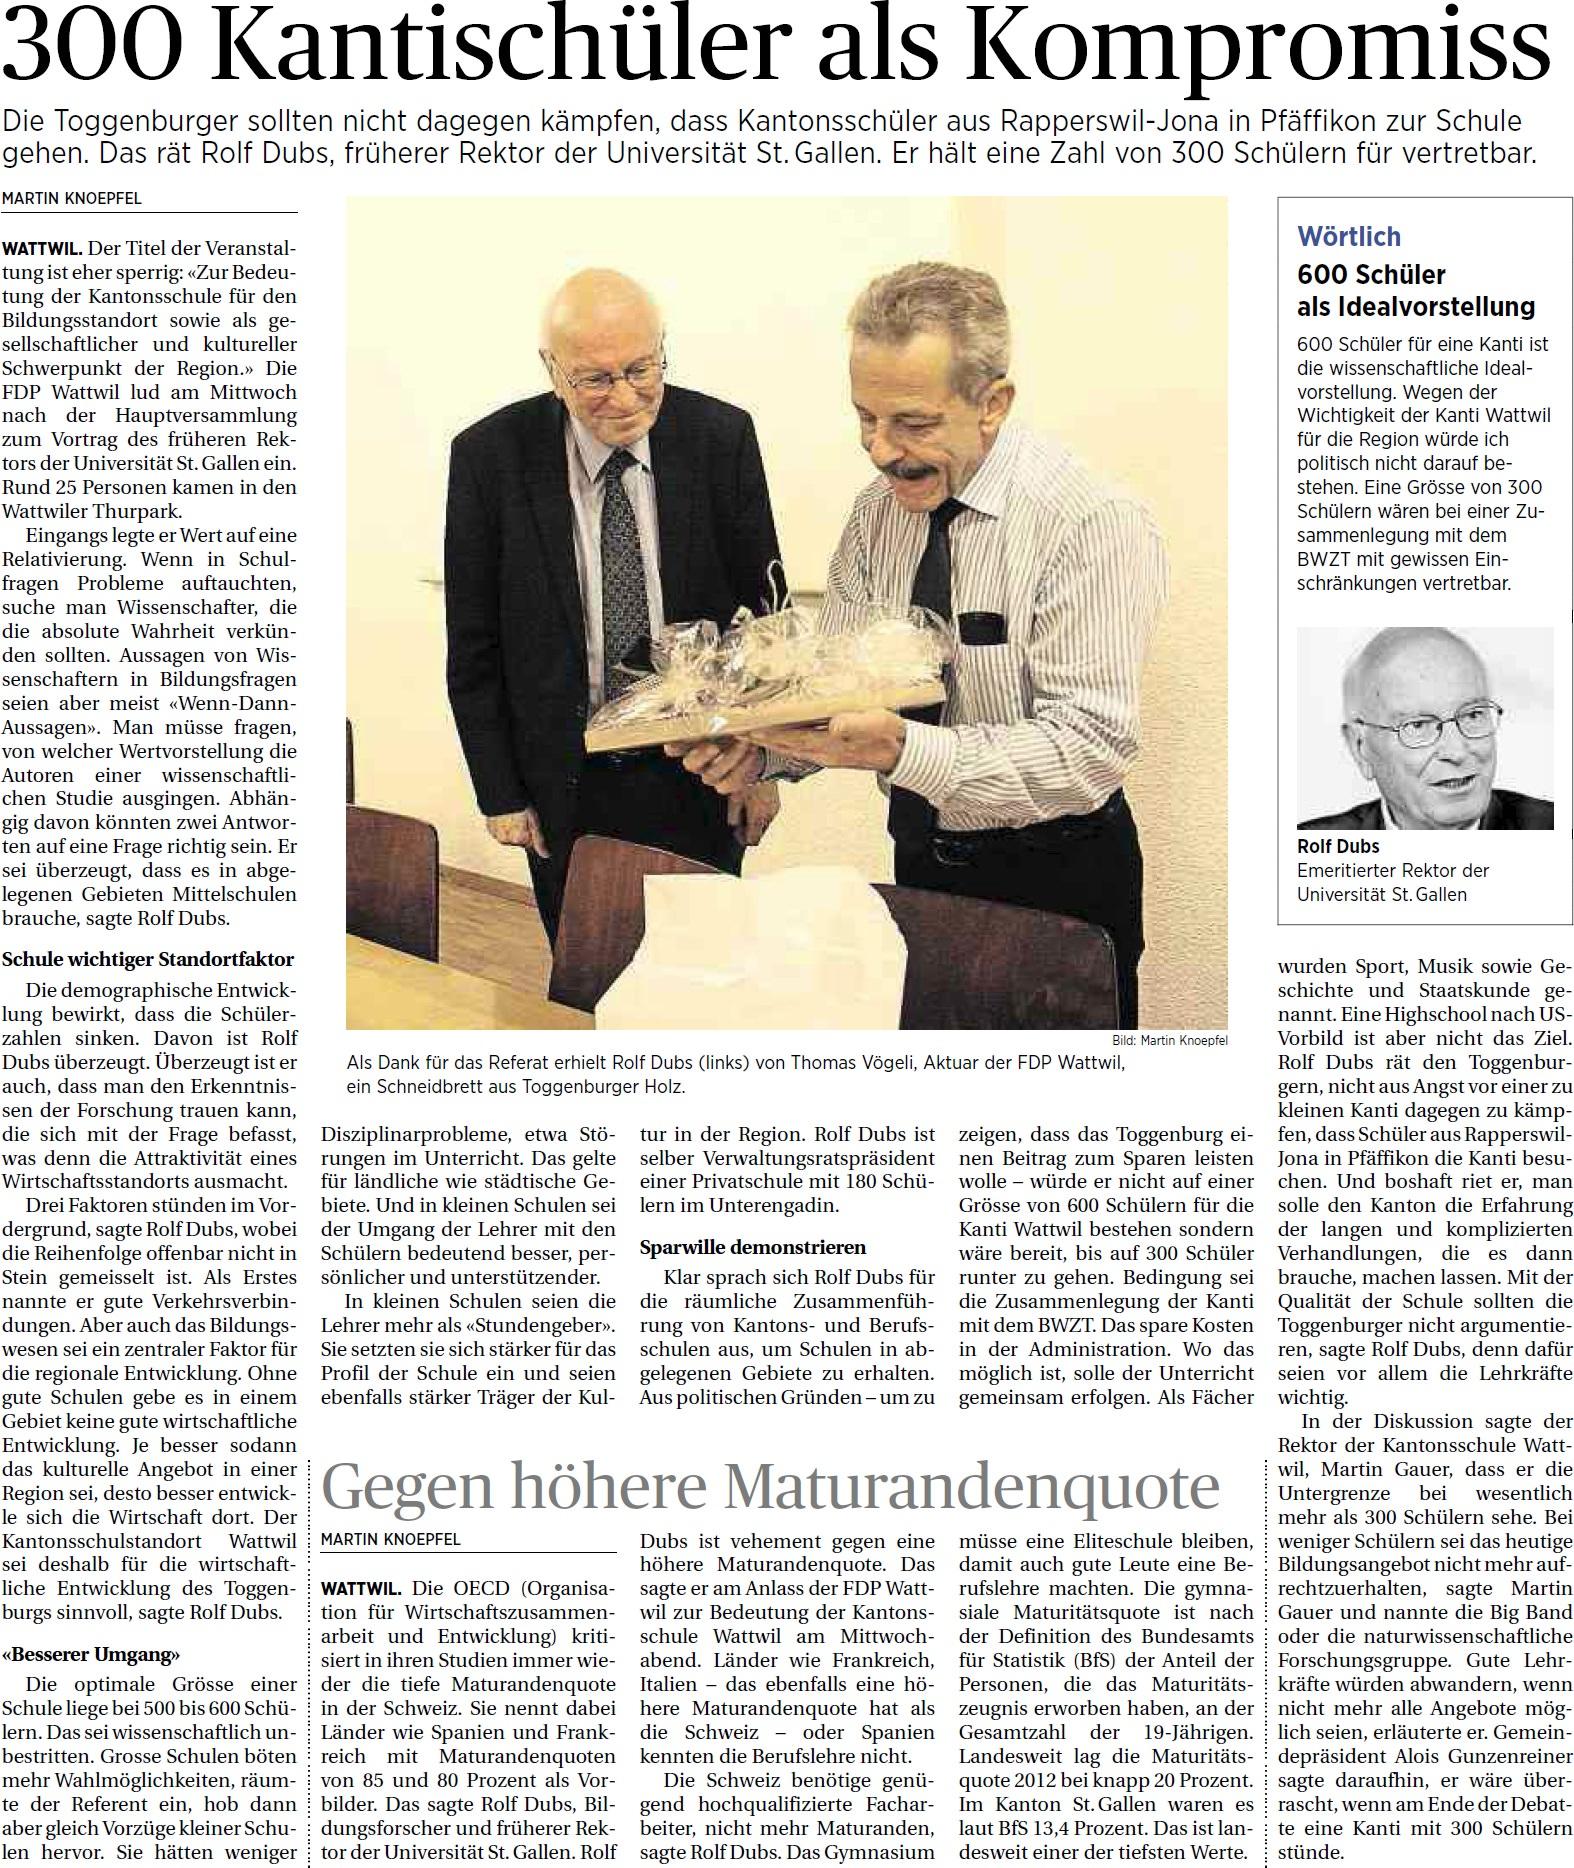 300 Kantischüler als Kompromiss (Freitag, 16.05.2014)